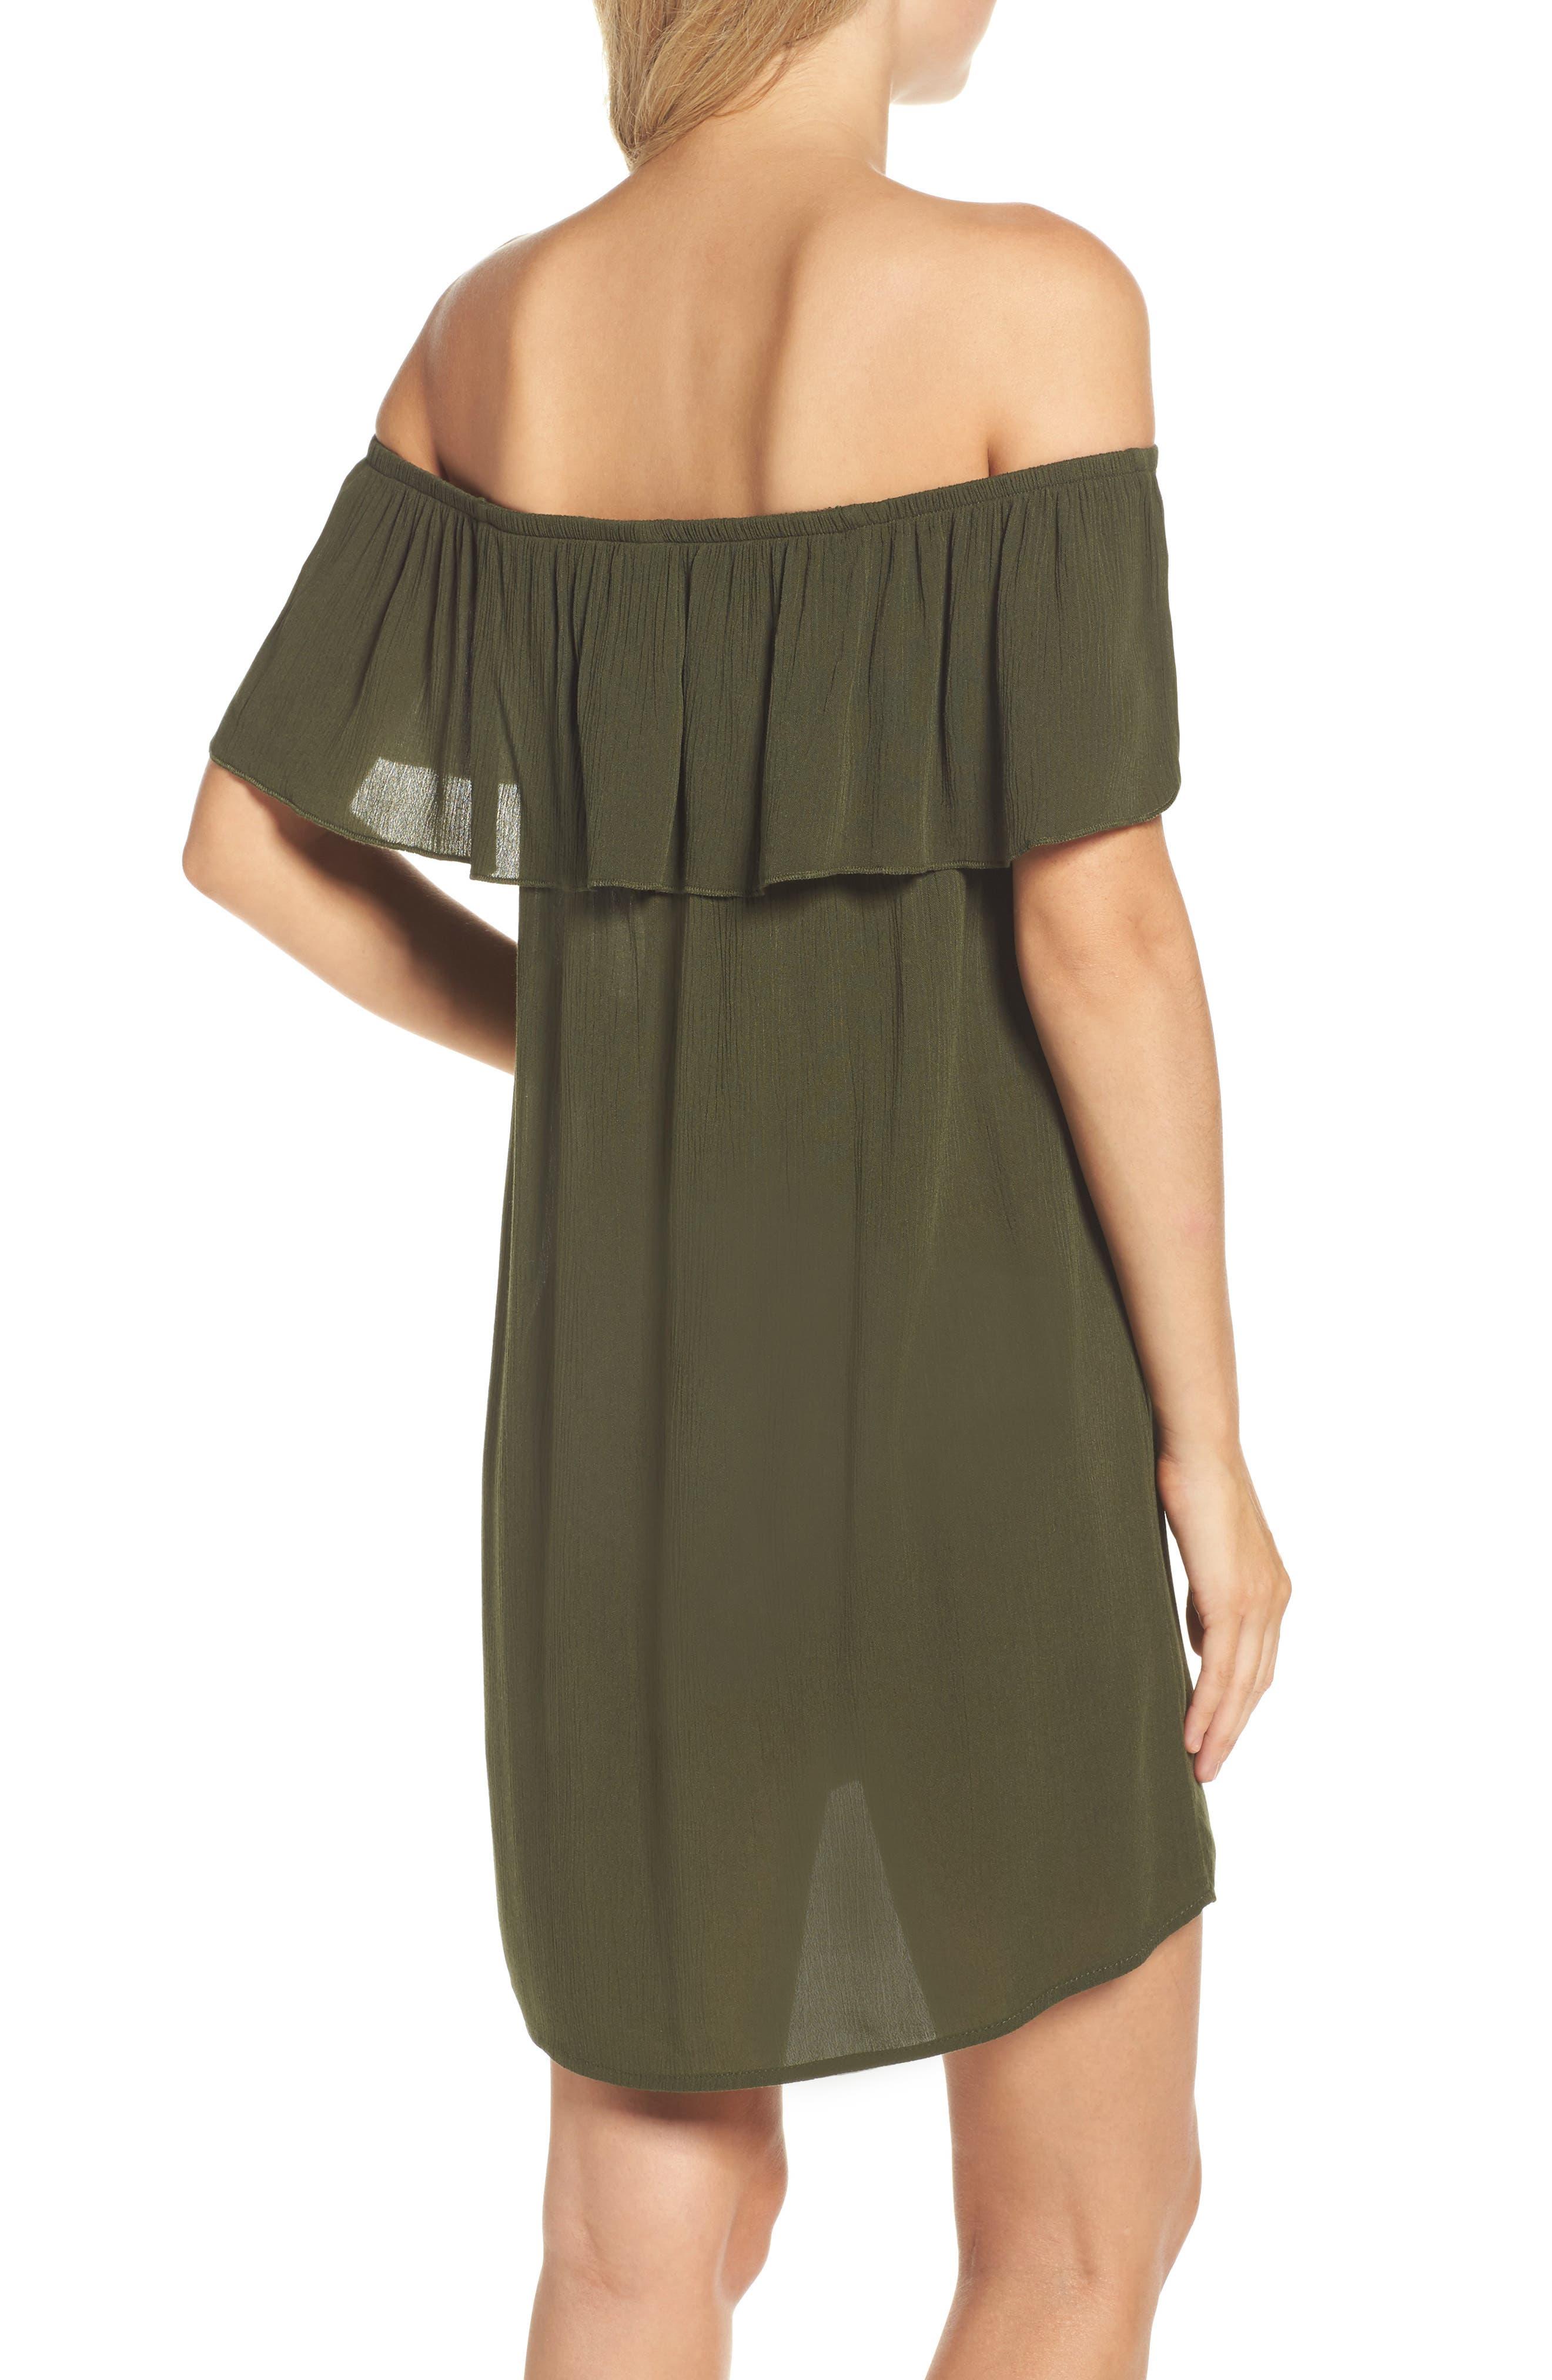 Southern Belle Off the Shoulder Cover-Up Dress,                             Alternate thumbnail 2, color,                             Bay Leaf